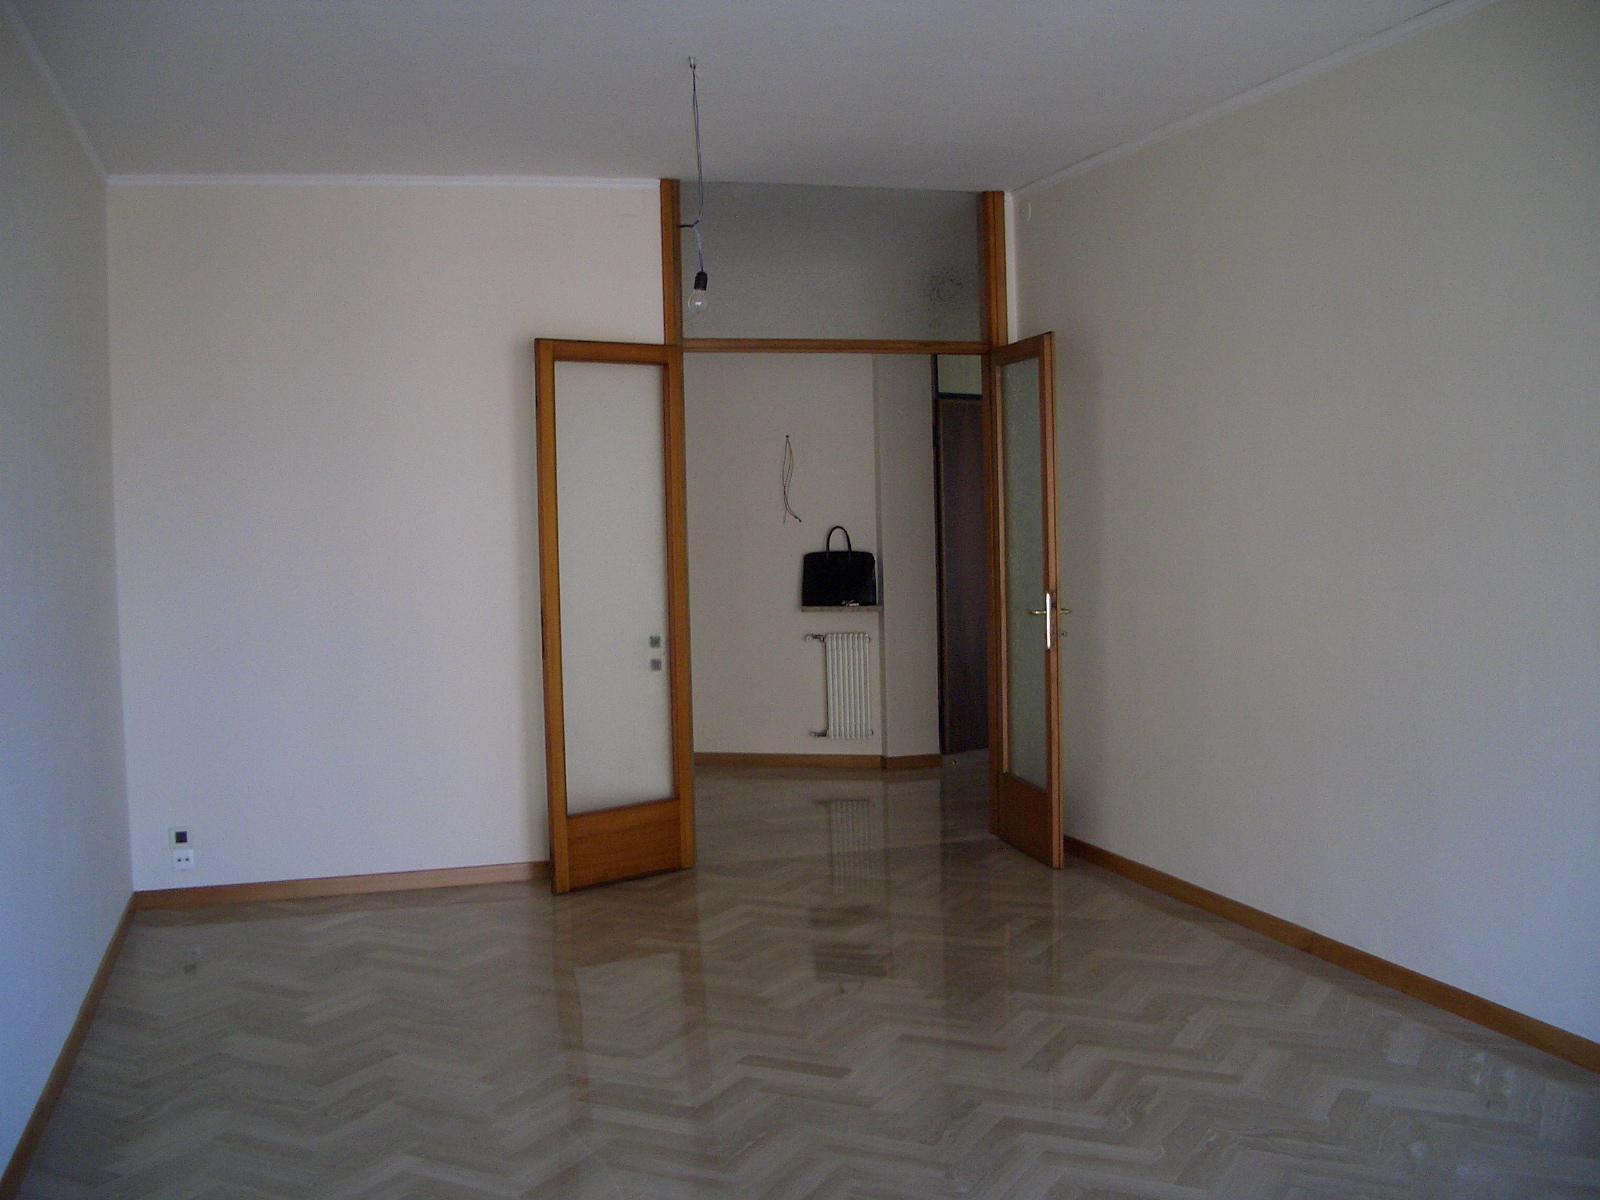 Appartamento in affitto a Treviso, 5 locali, zona Località: FuoriMura, prezzo € 750 | Cambio Casa.it